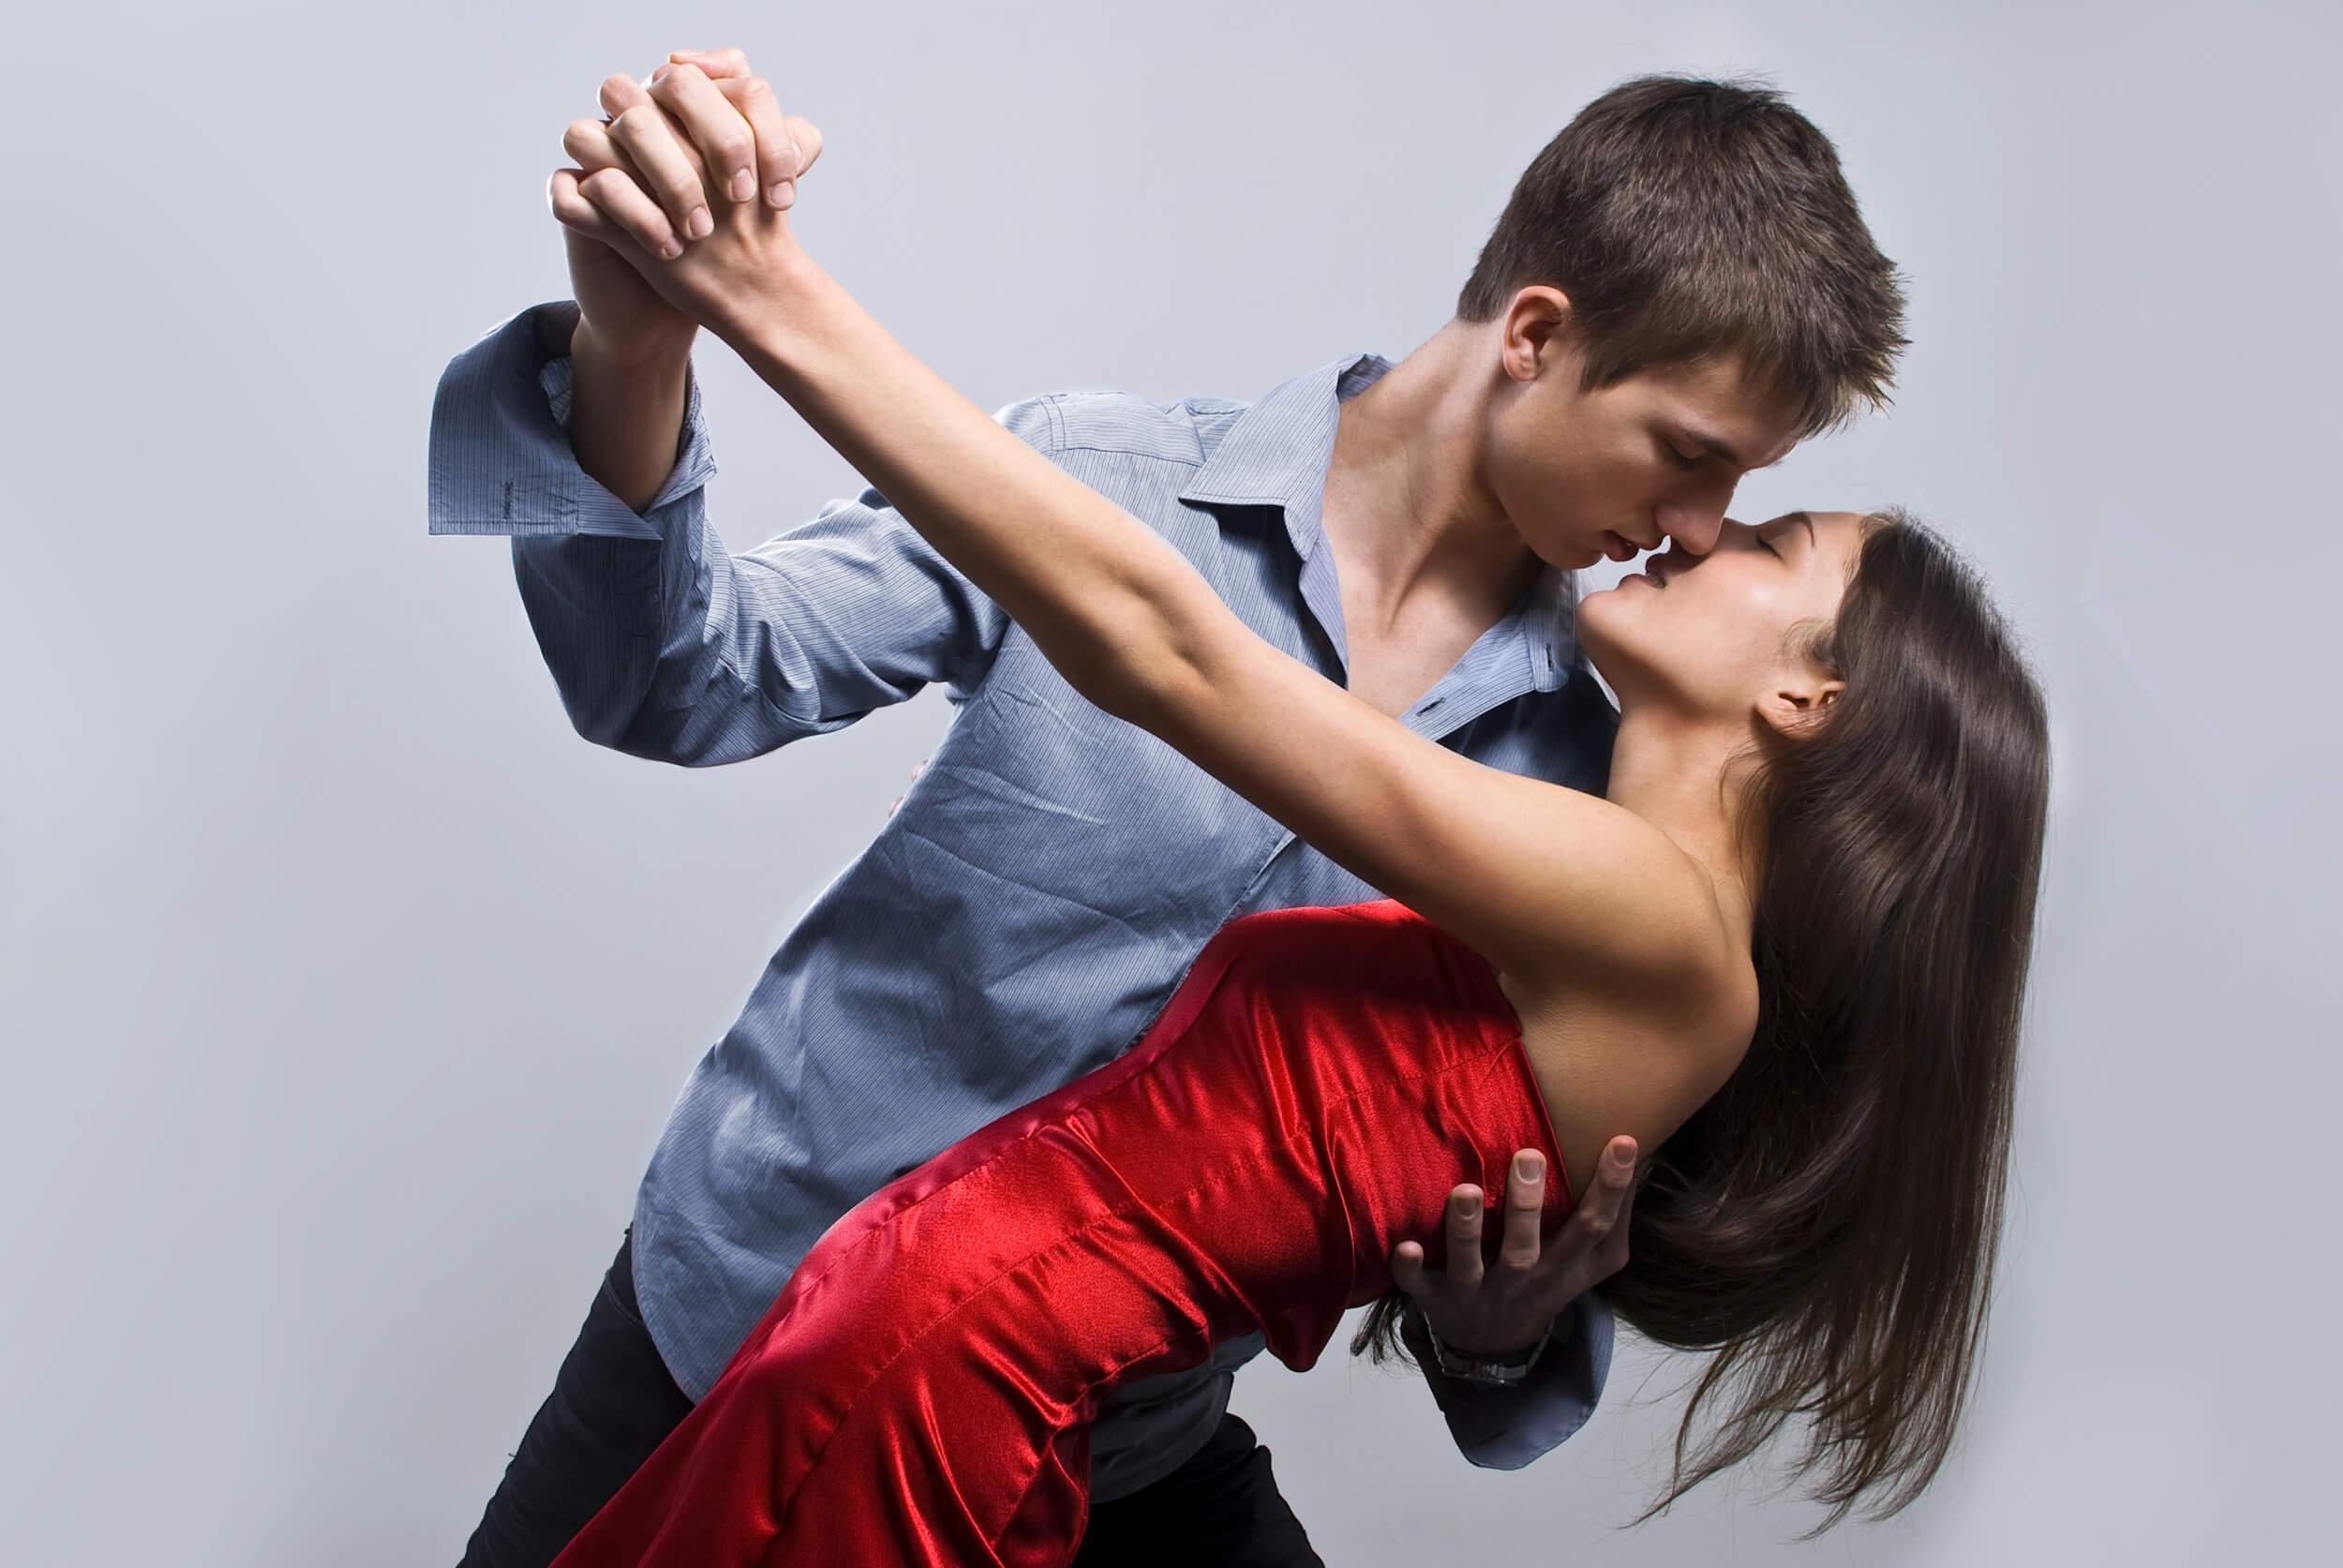 Танцы хорошее увлечение для супругов